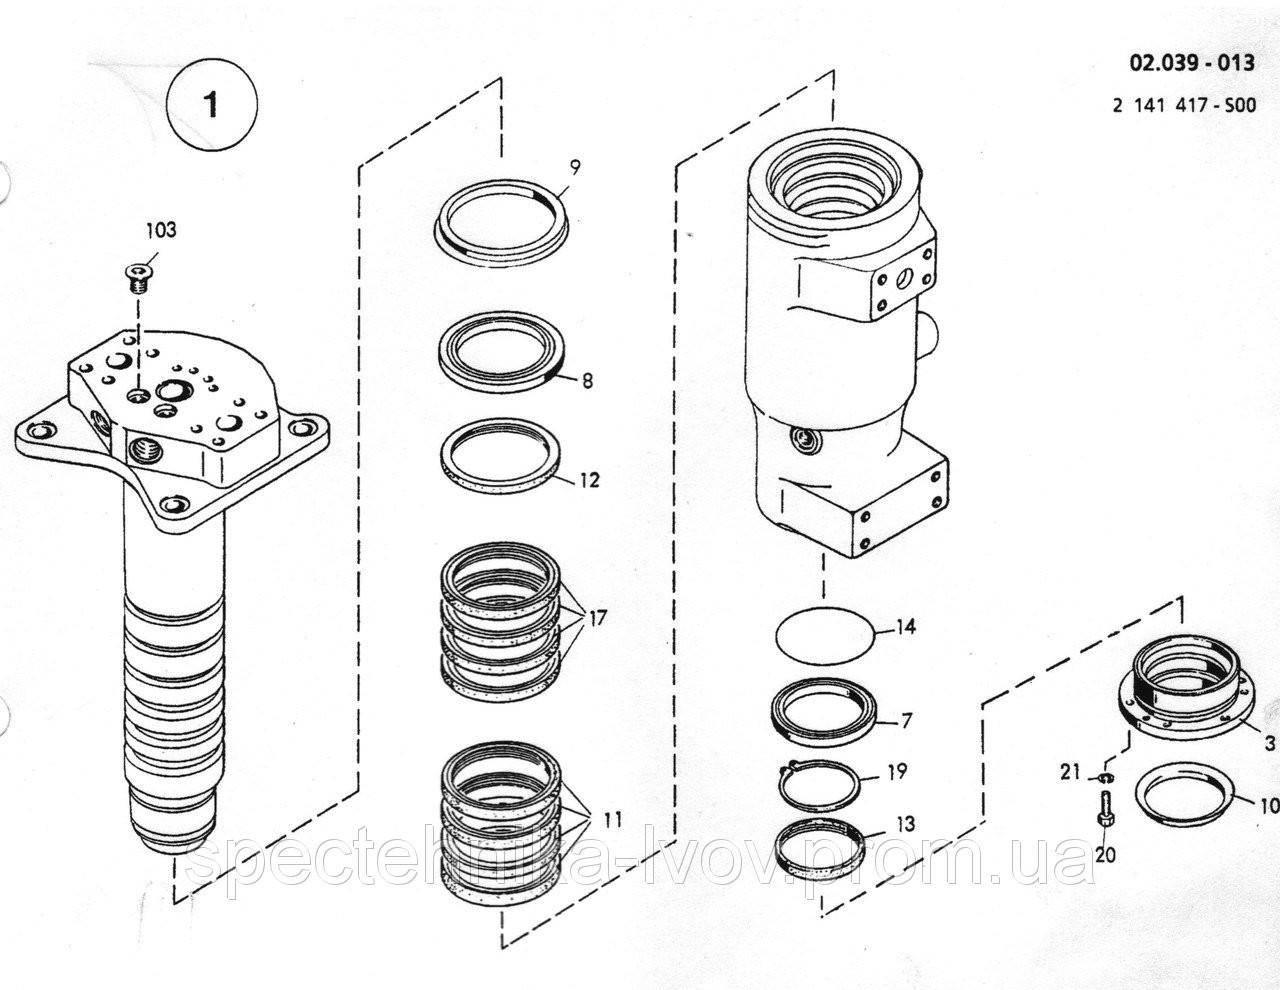 0941392 Ремкомплект поворотной колоны O&K (Orenstein & Koppel) MH CITY